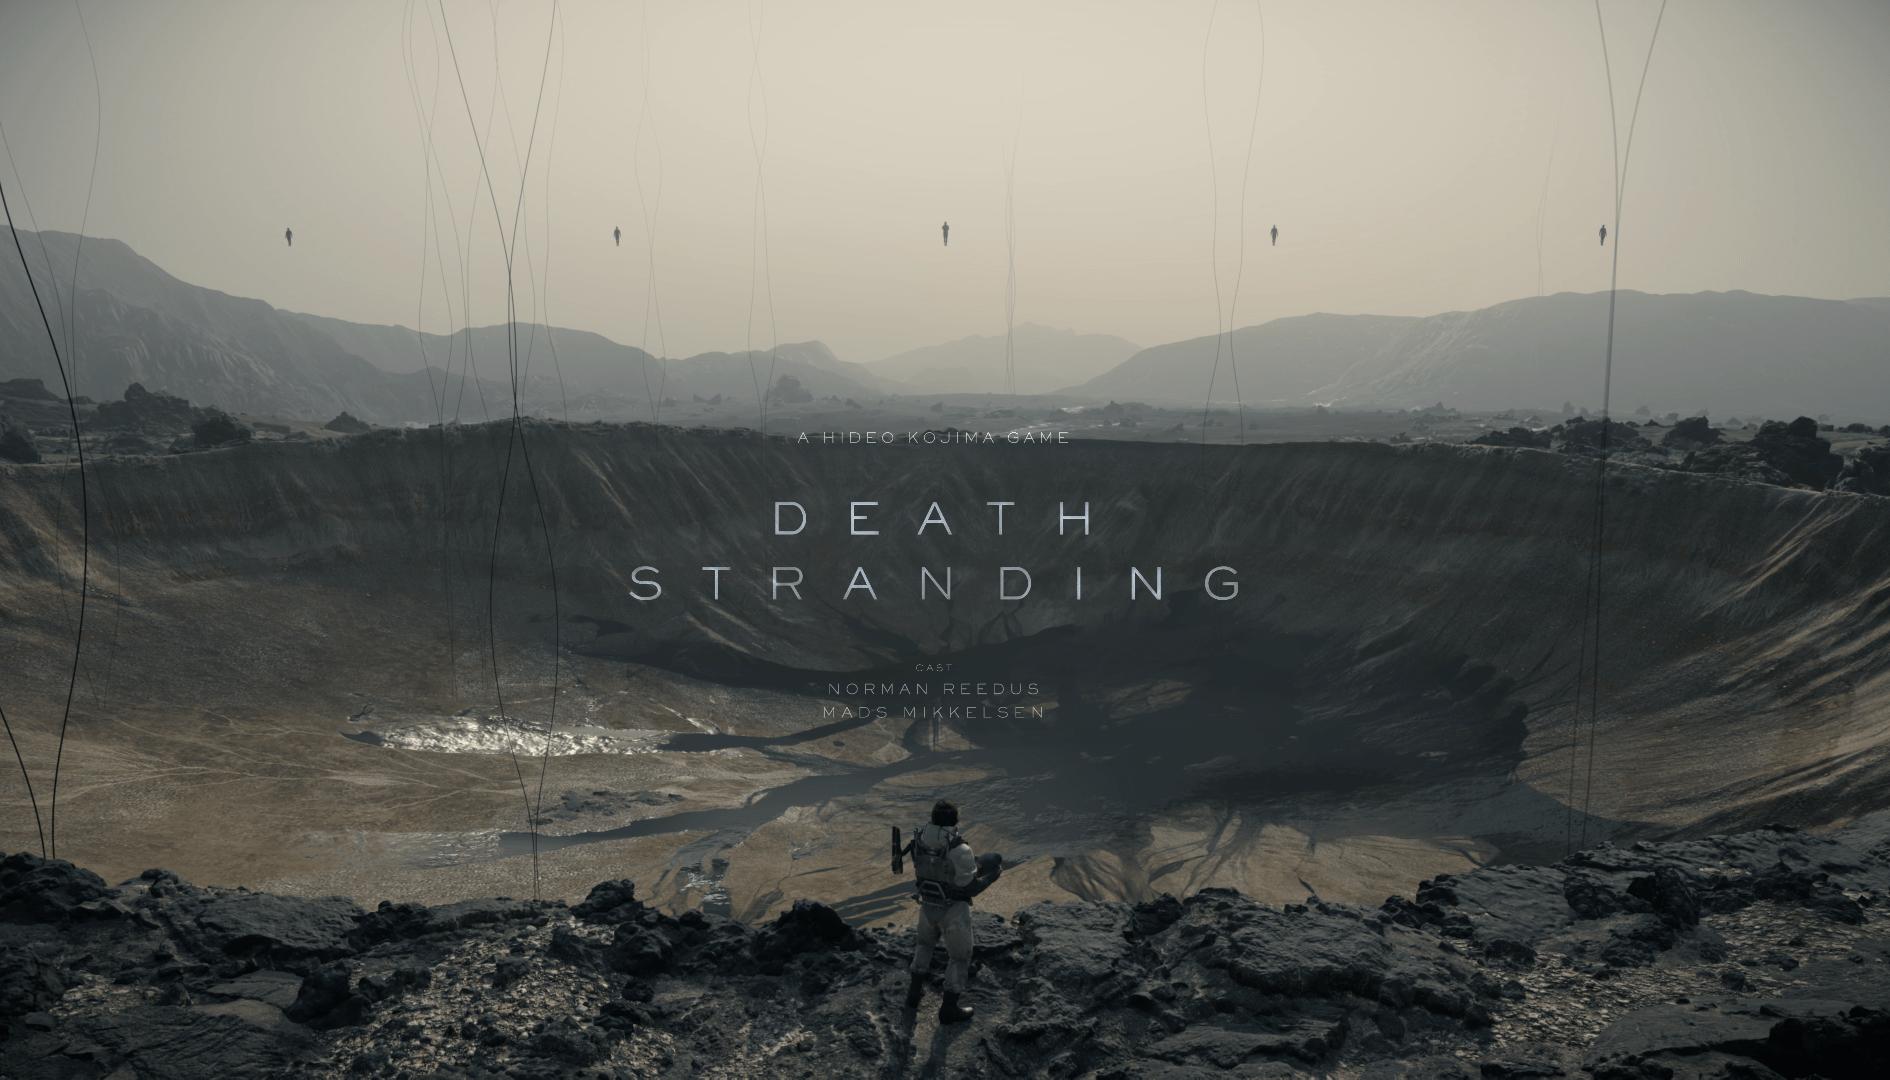 Death Stranding: copertine fan made create dalla community